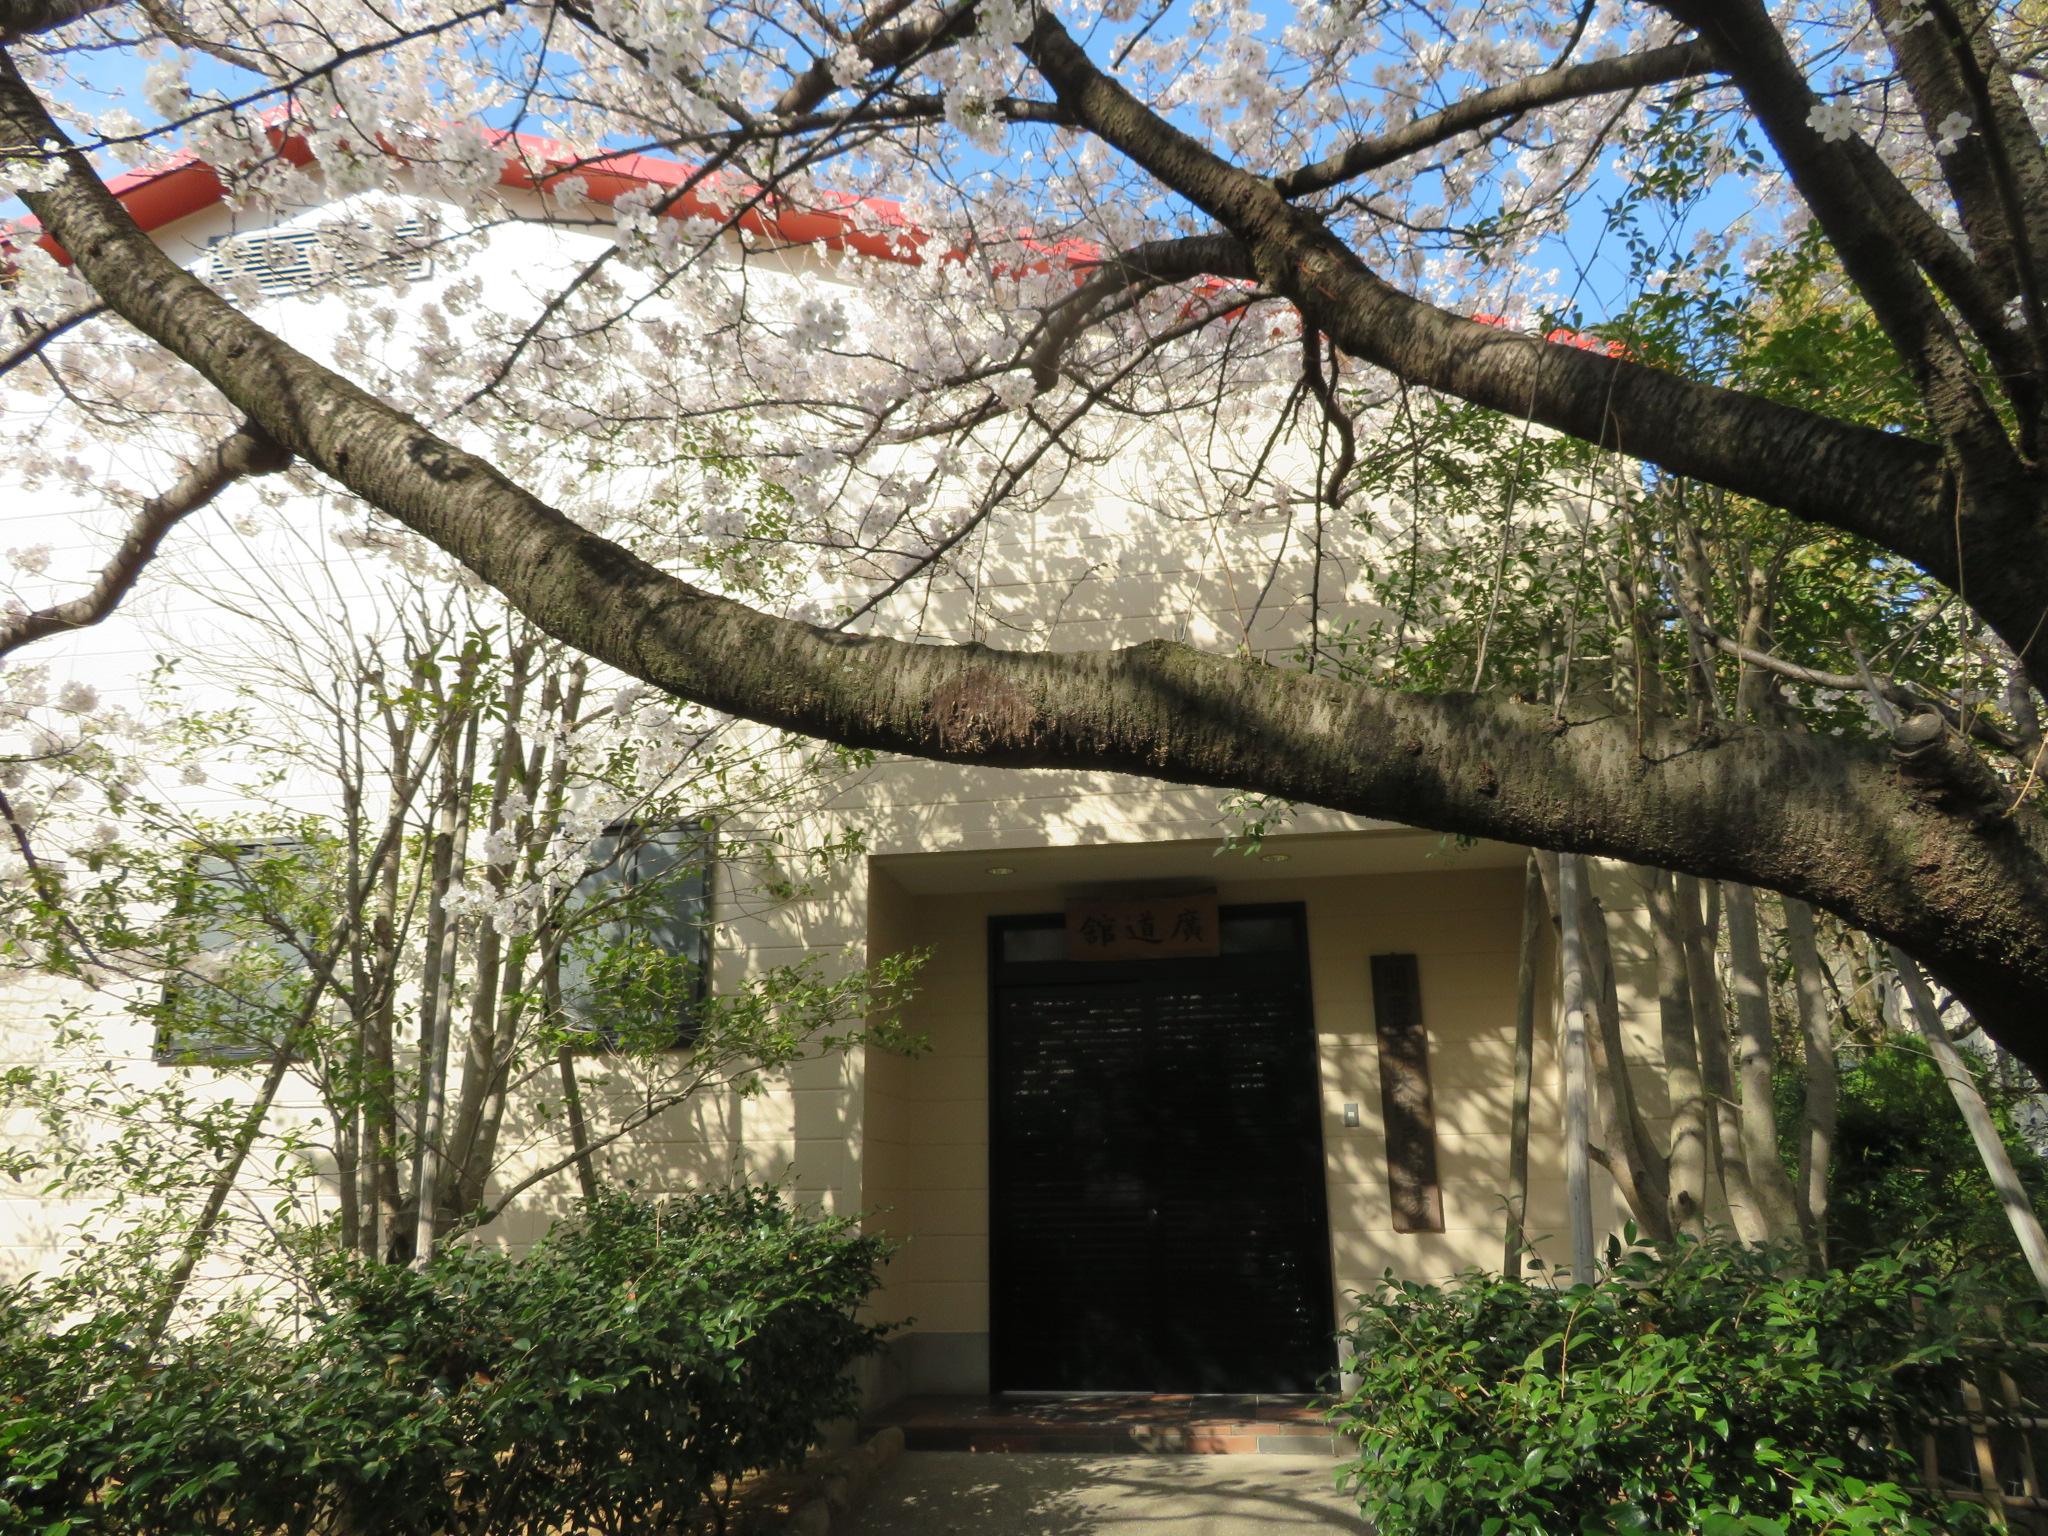 生徒さんを迎えるために道場前の桜が満開でした